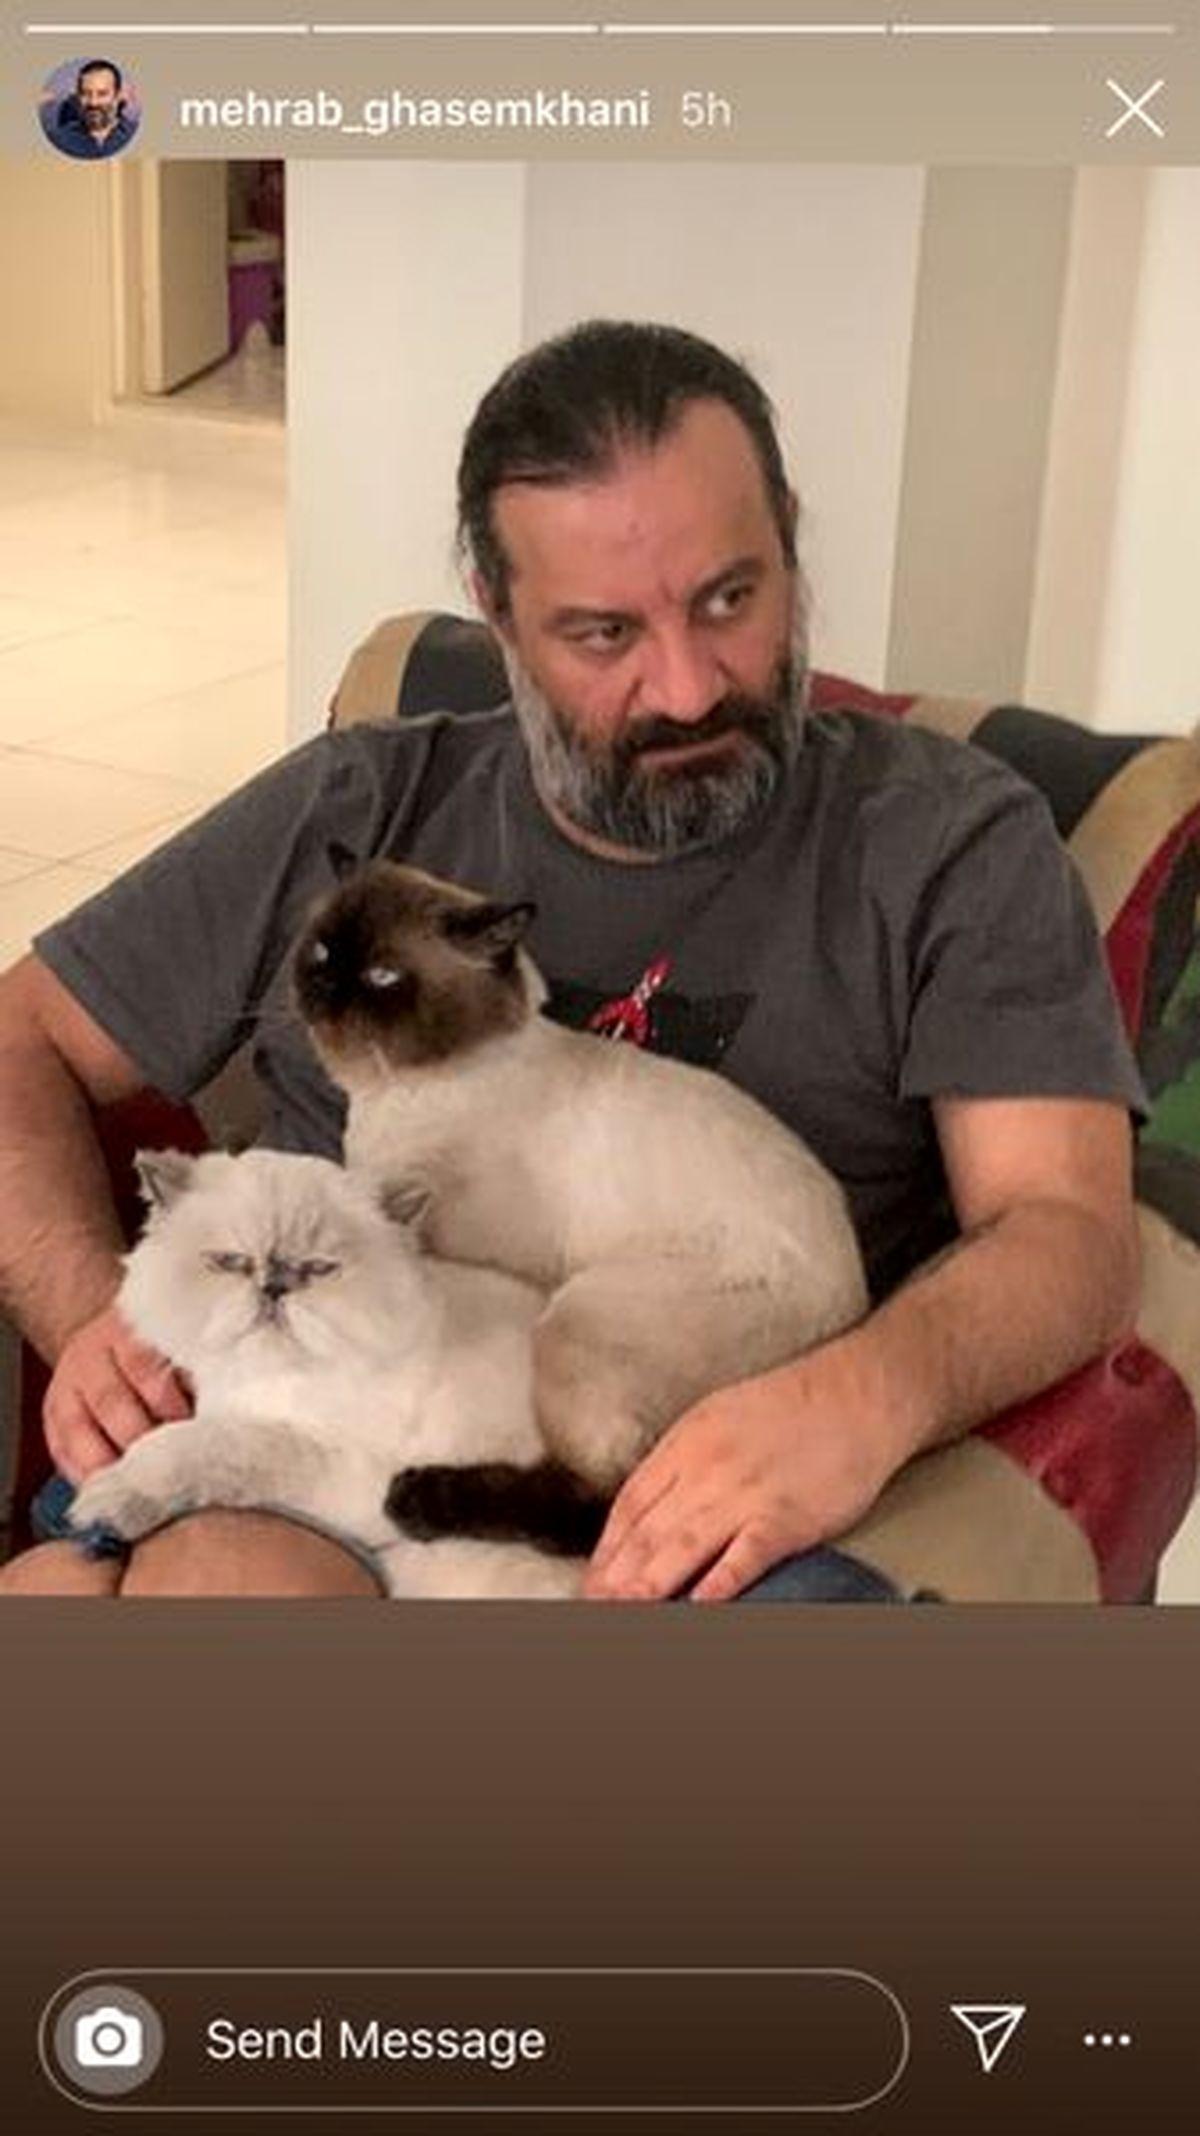 عکسی مهراب قاسمخانی و گربه هایش در خانه+عکس